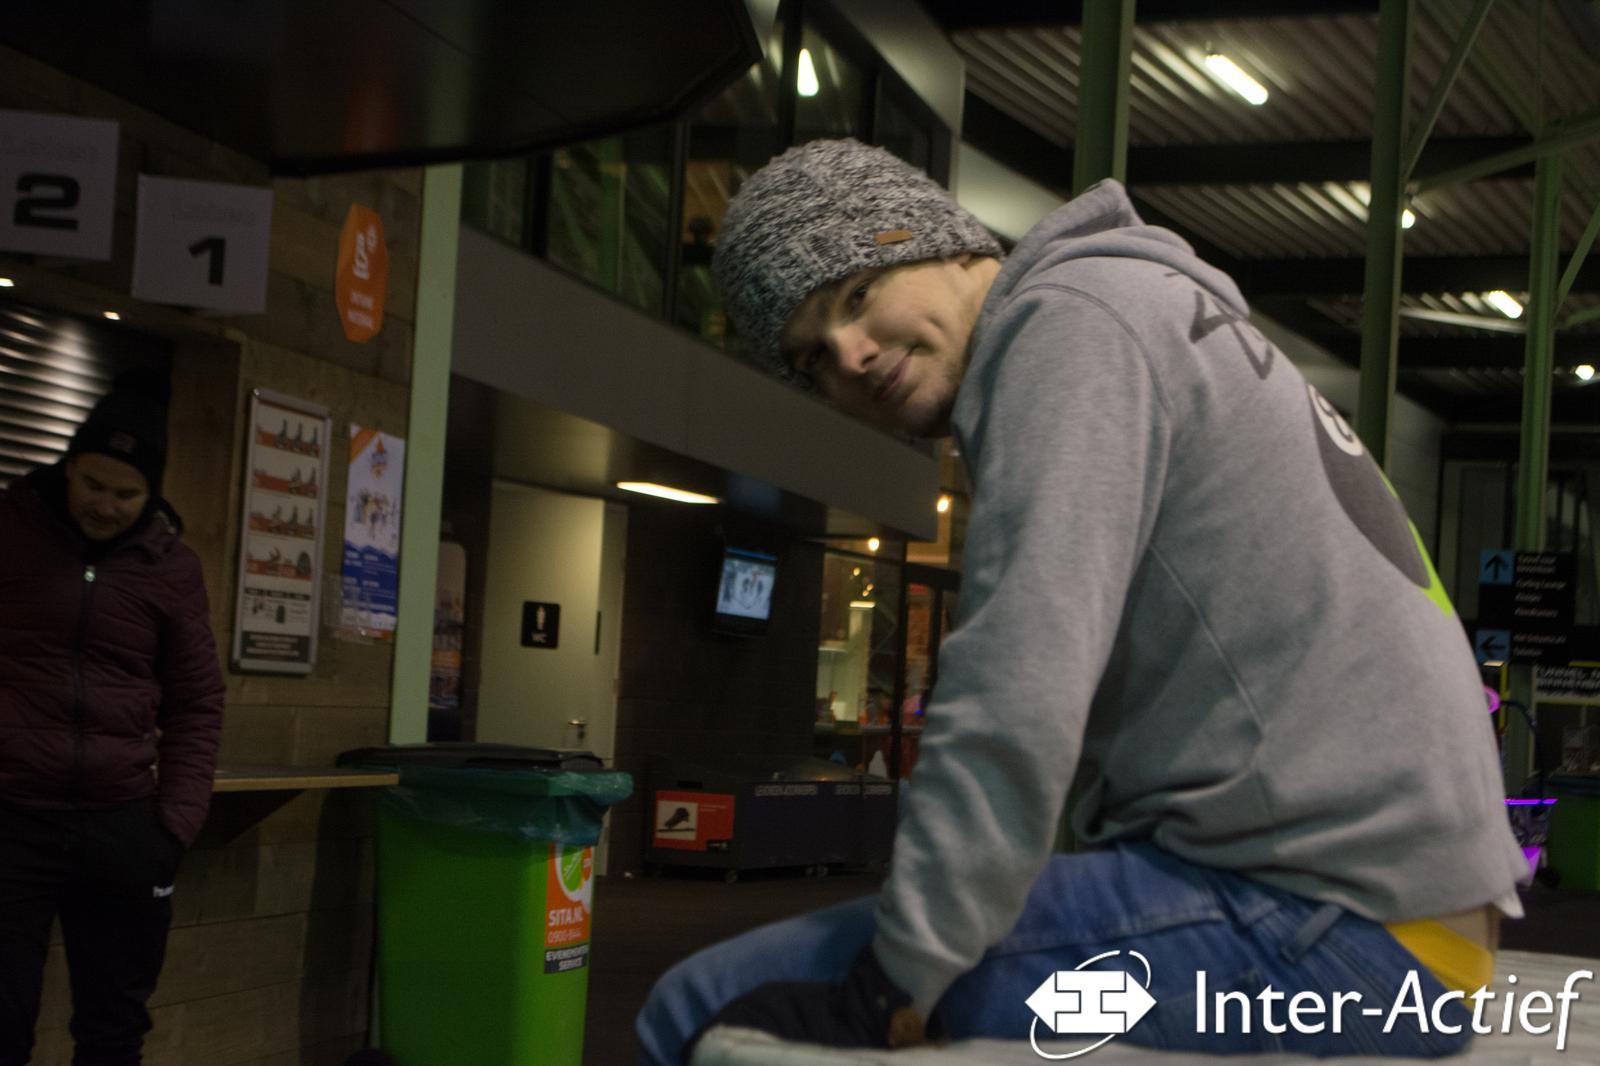 IceSkating20200116_NielsdeGroot-18.jpg